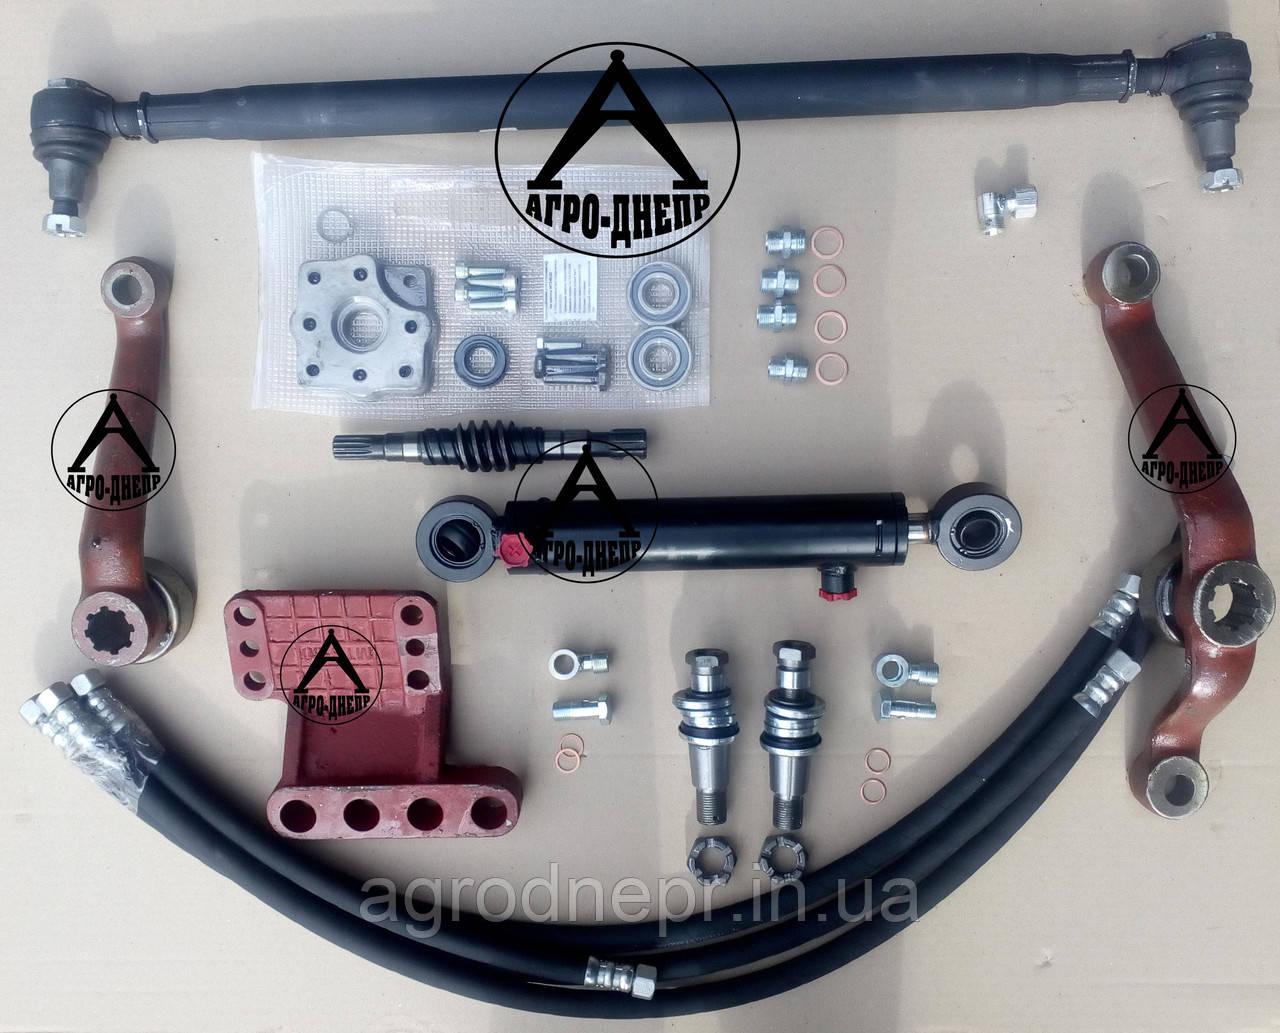 Комплект переоборудования рулевого управления МТЗ-80. ГОРУ в корпус ГУР (без насос-дозатора)